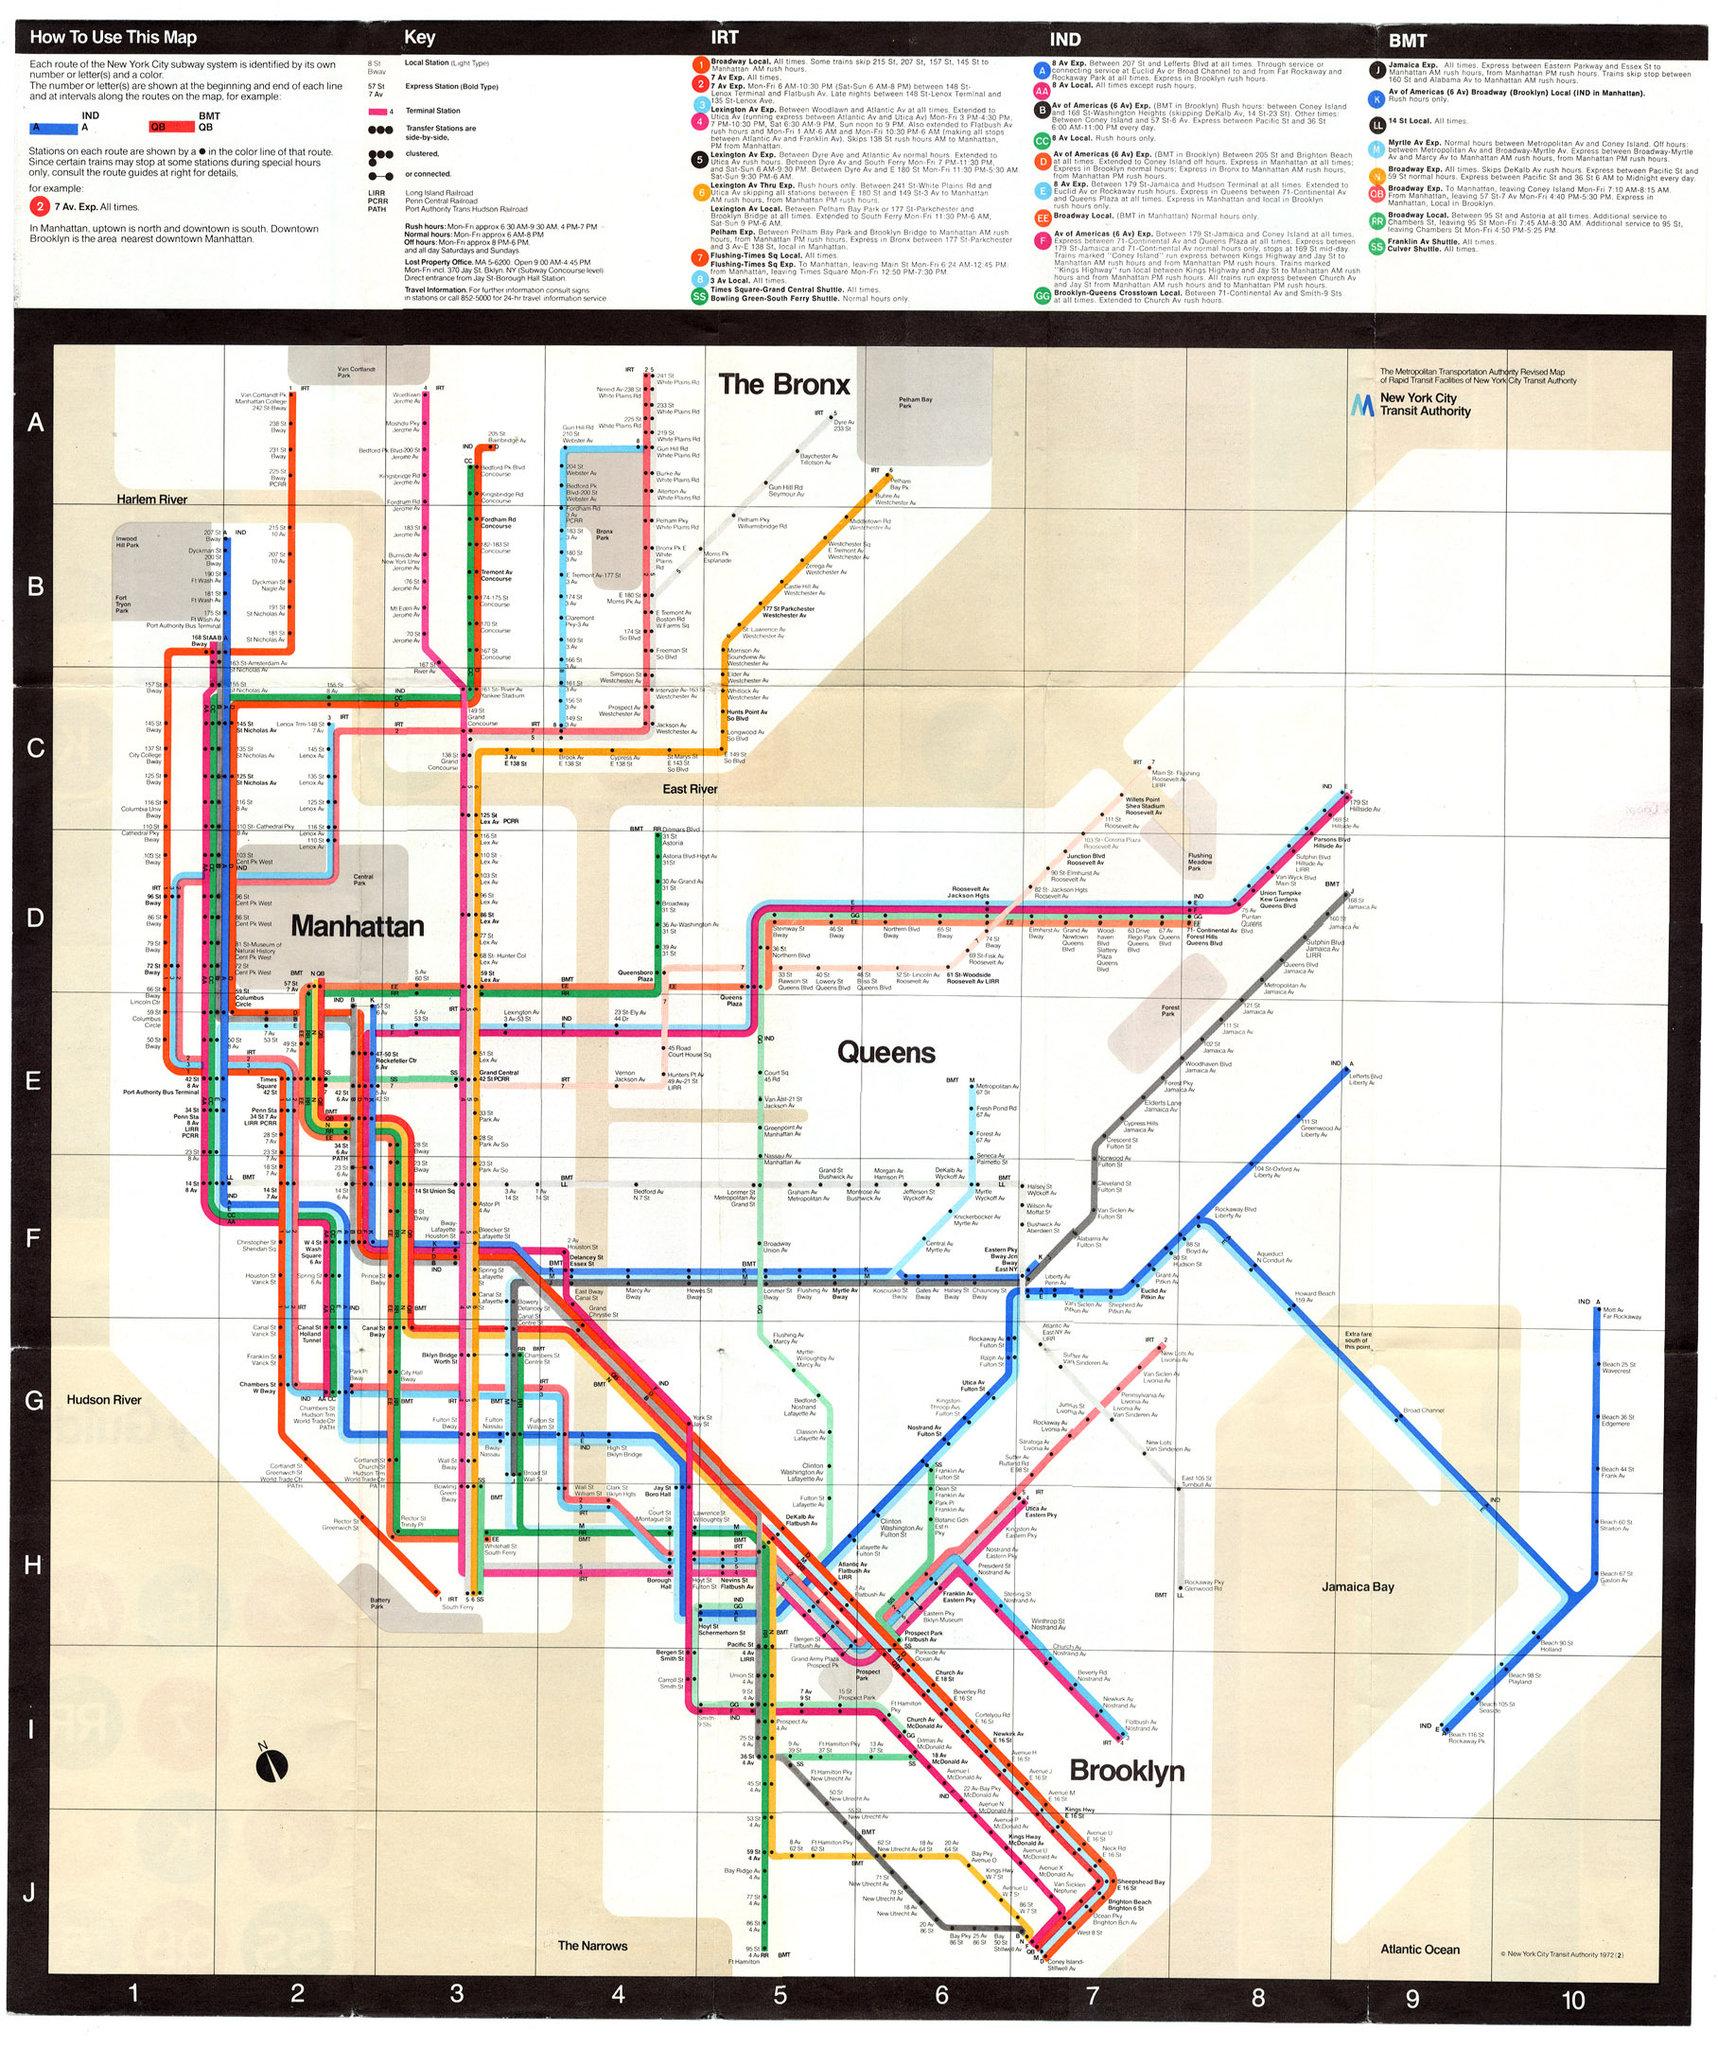 massimo vignelli's enduring nyc subway legacy. massimo vignelli's enduring nyc subway legacy  curbed ny